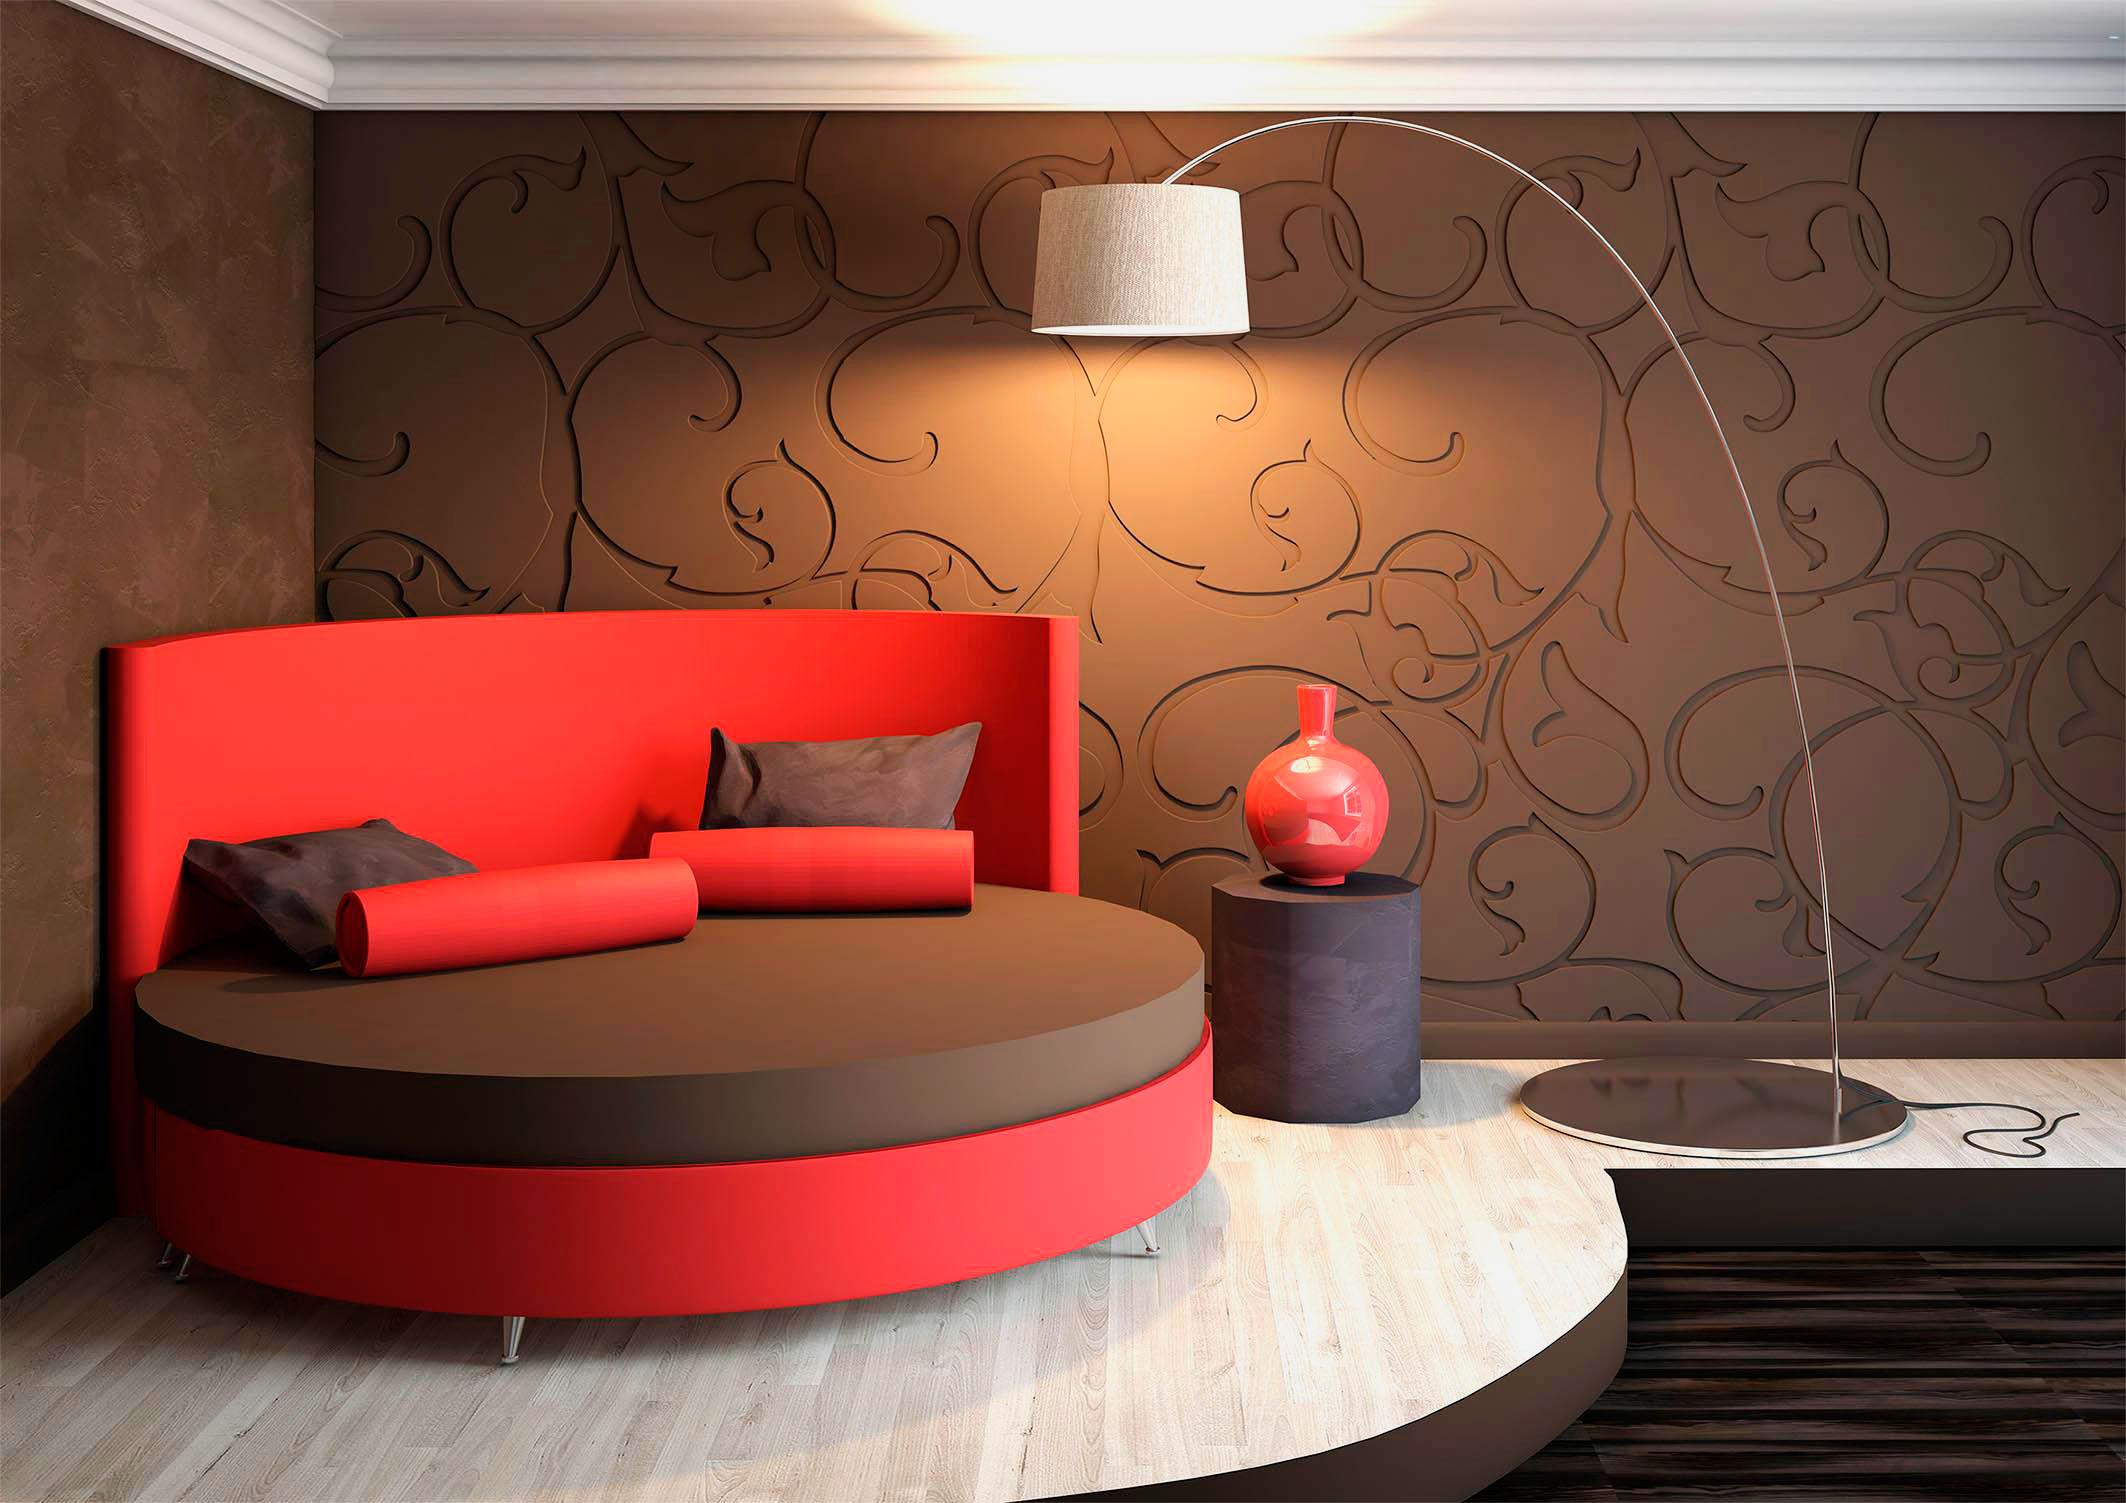 Современная мебель, оригинальный дизайн и удобство